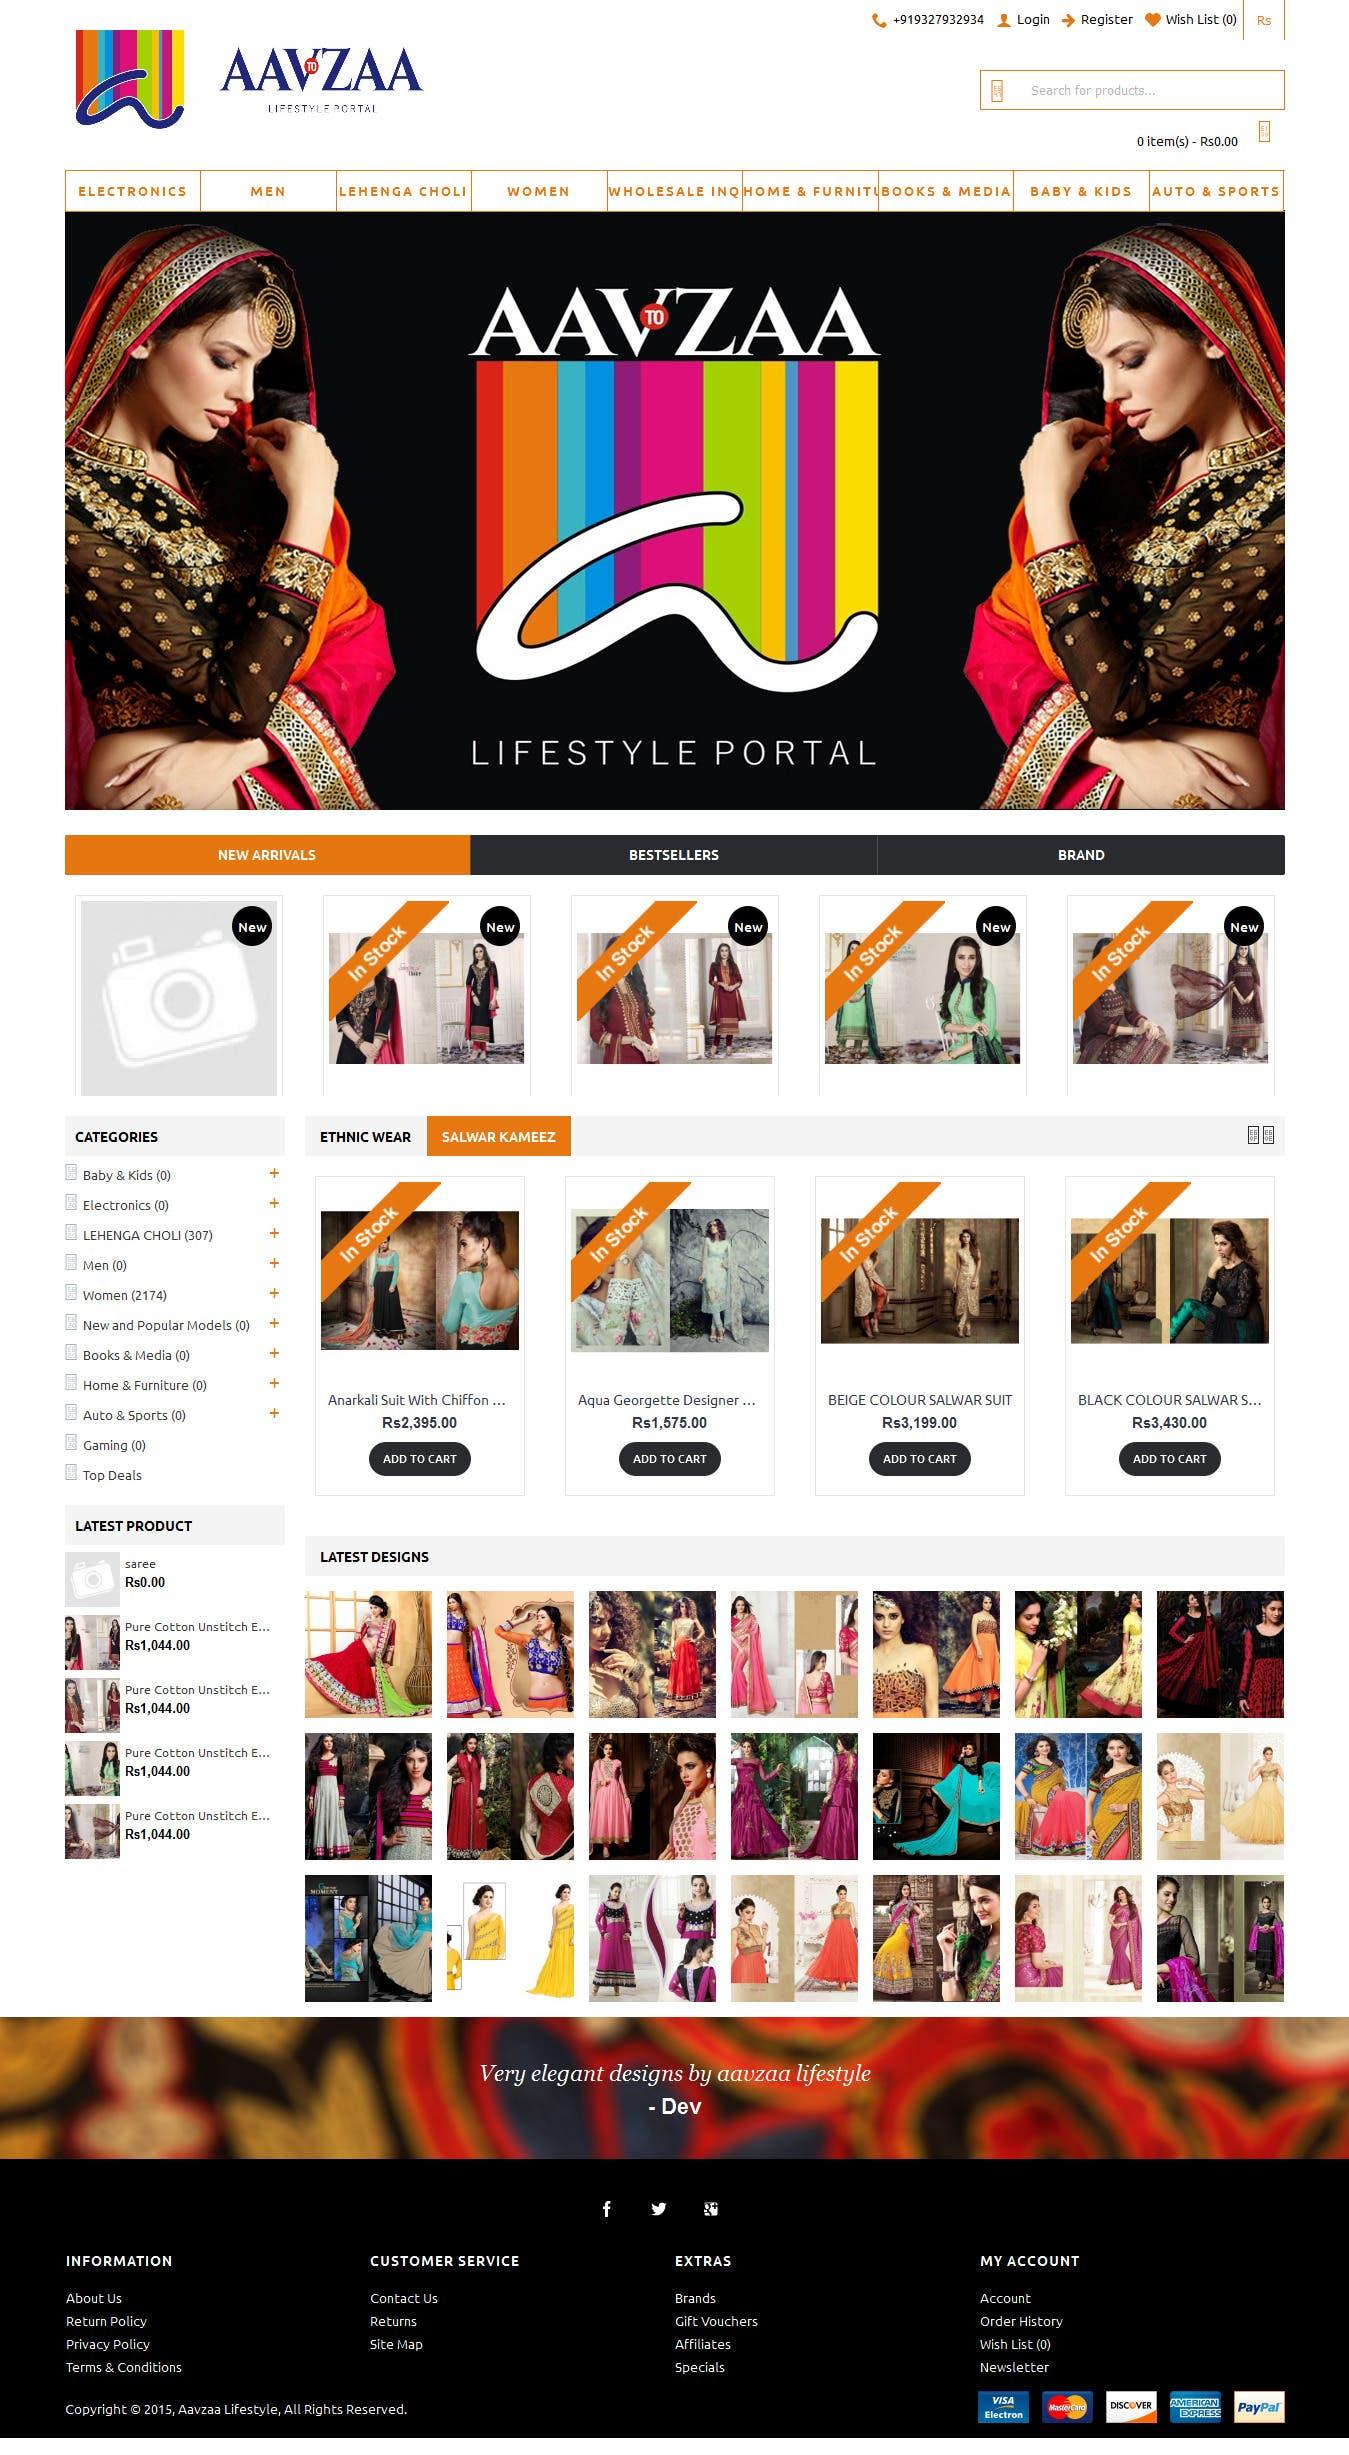 aavzaa.com